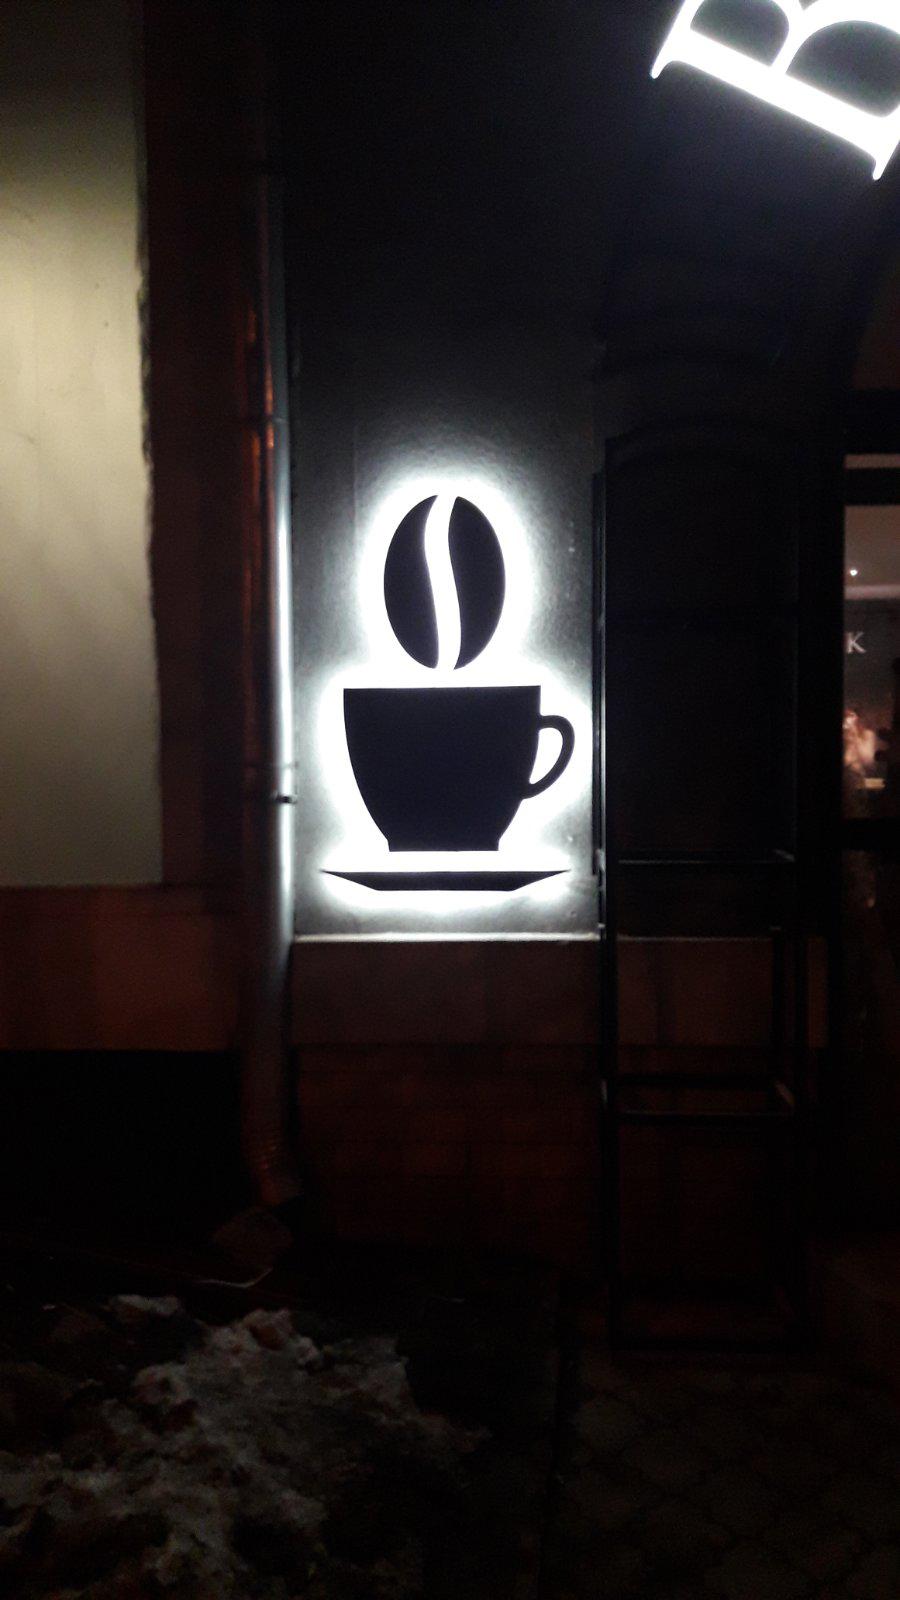 Контражурная подсветка чашка кофе